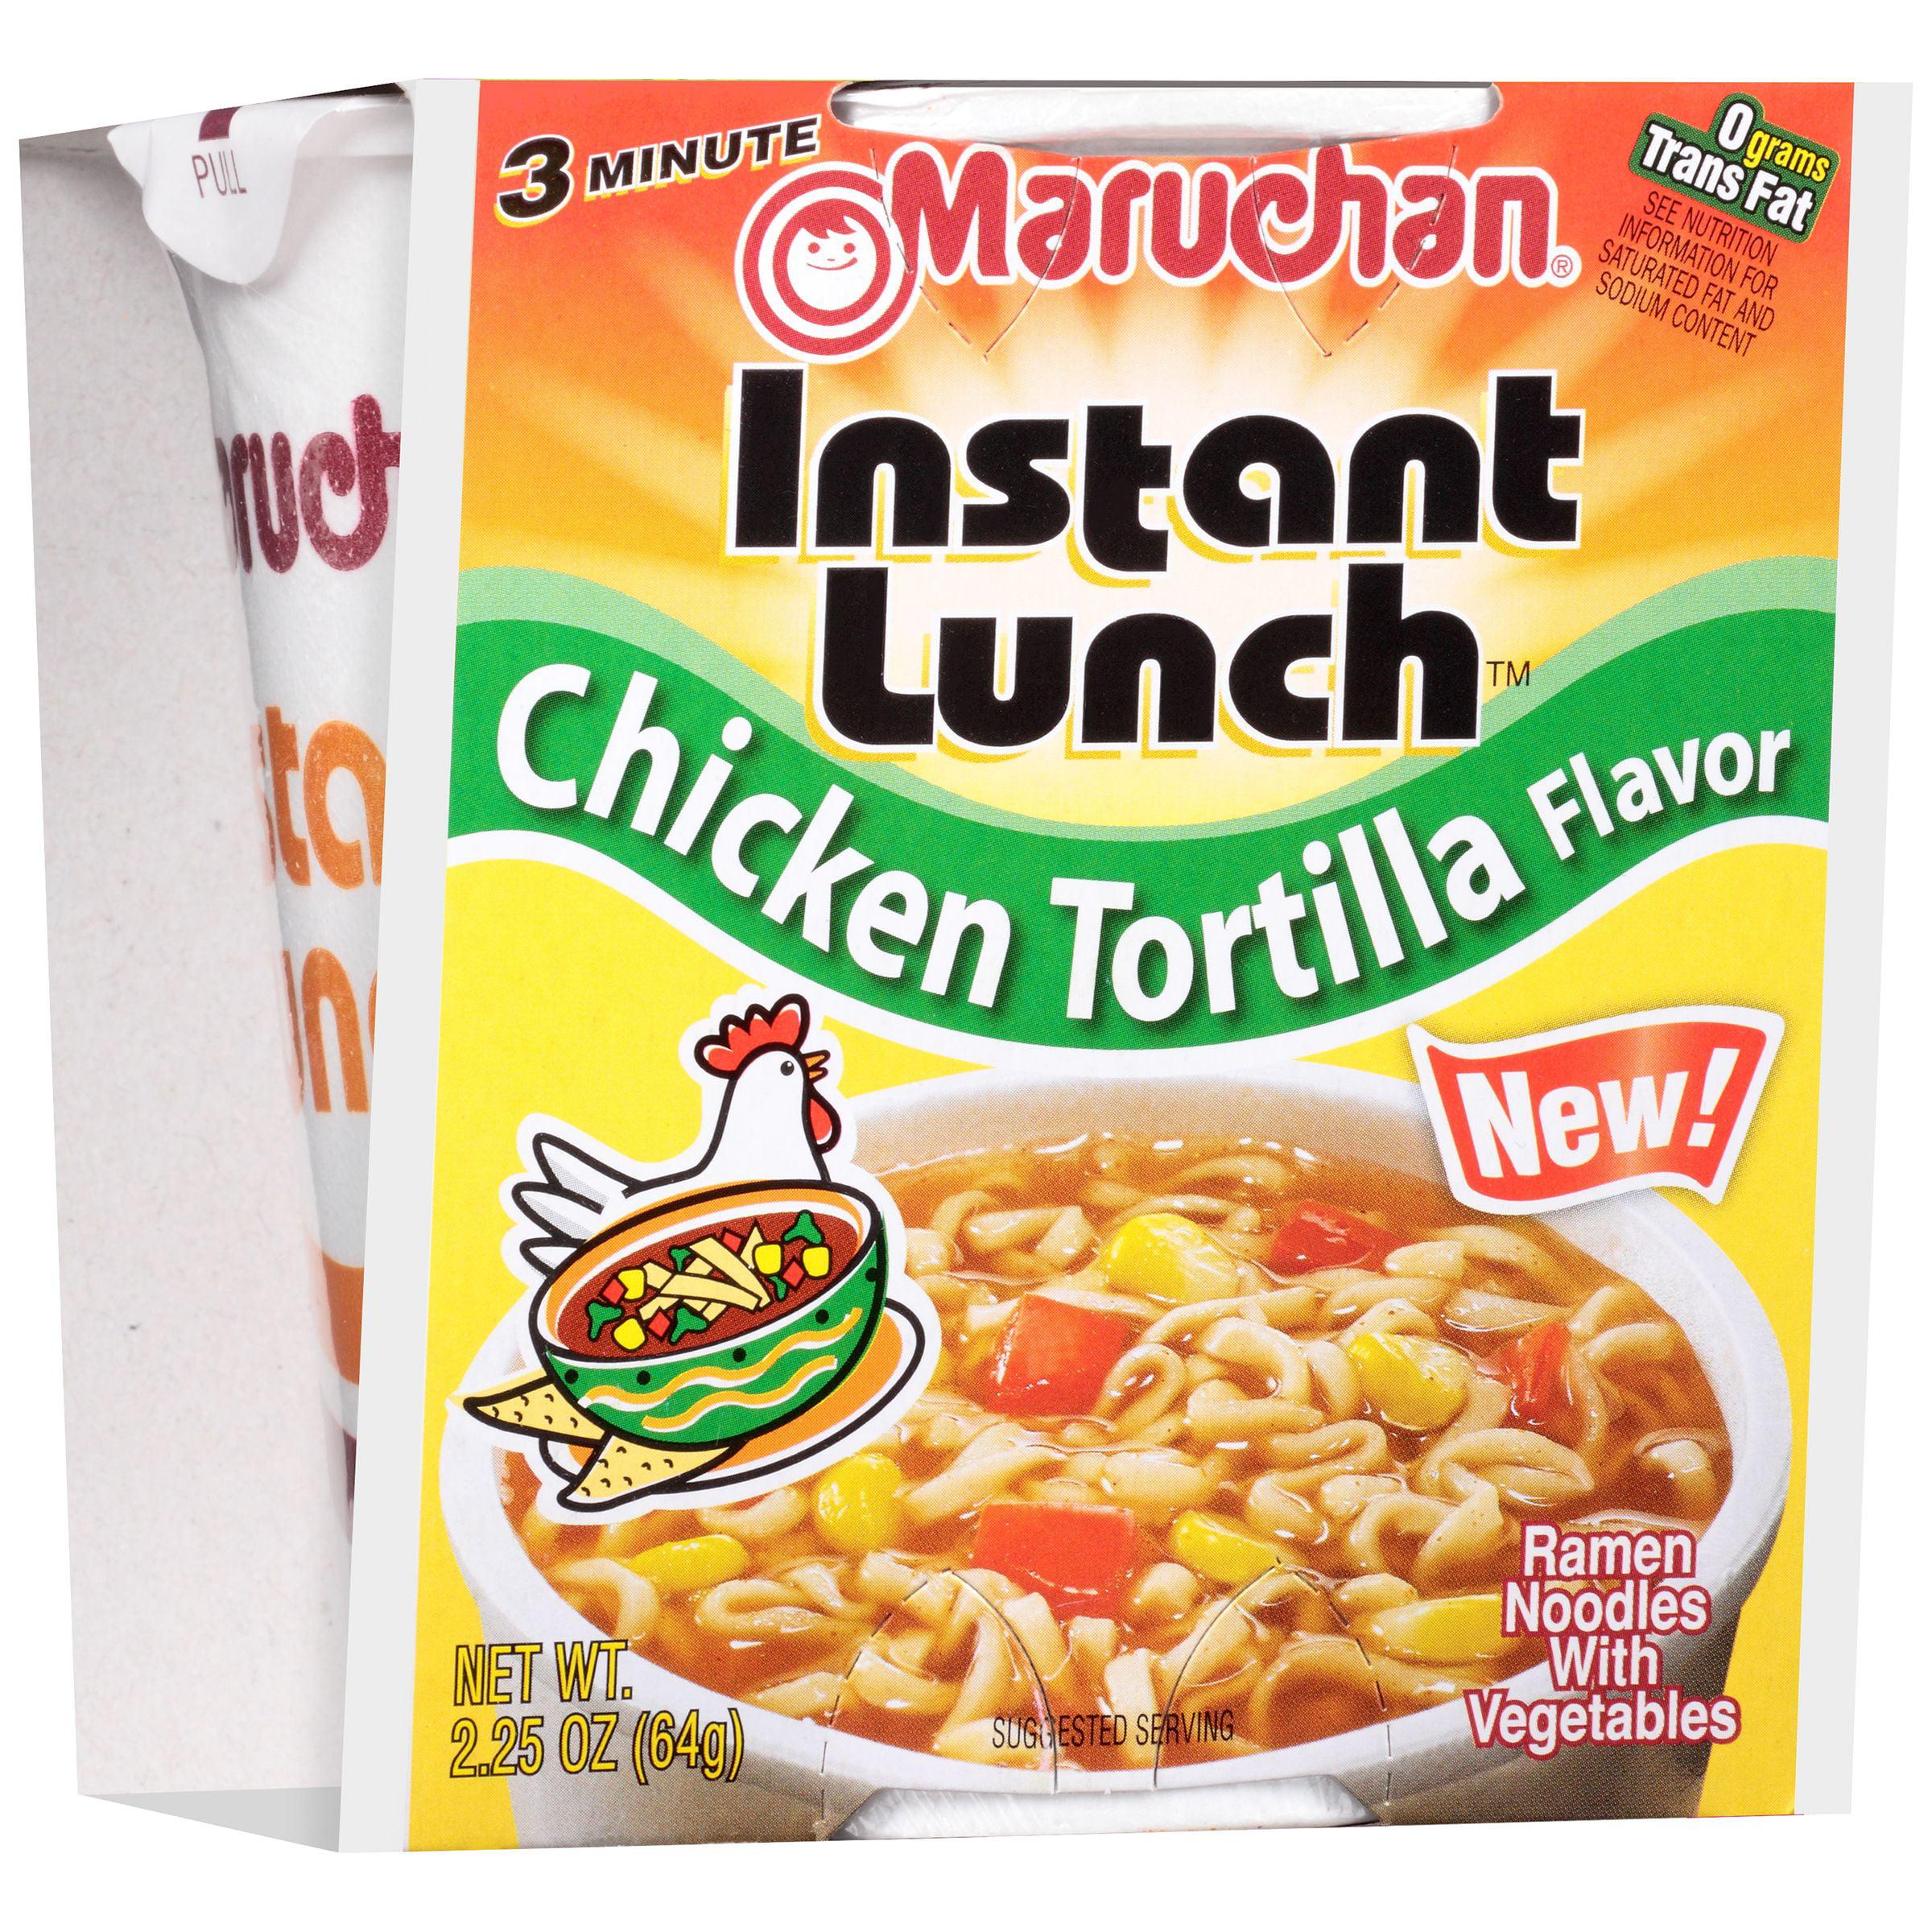 Maruchan Instant Lunch Chicken Tortilla